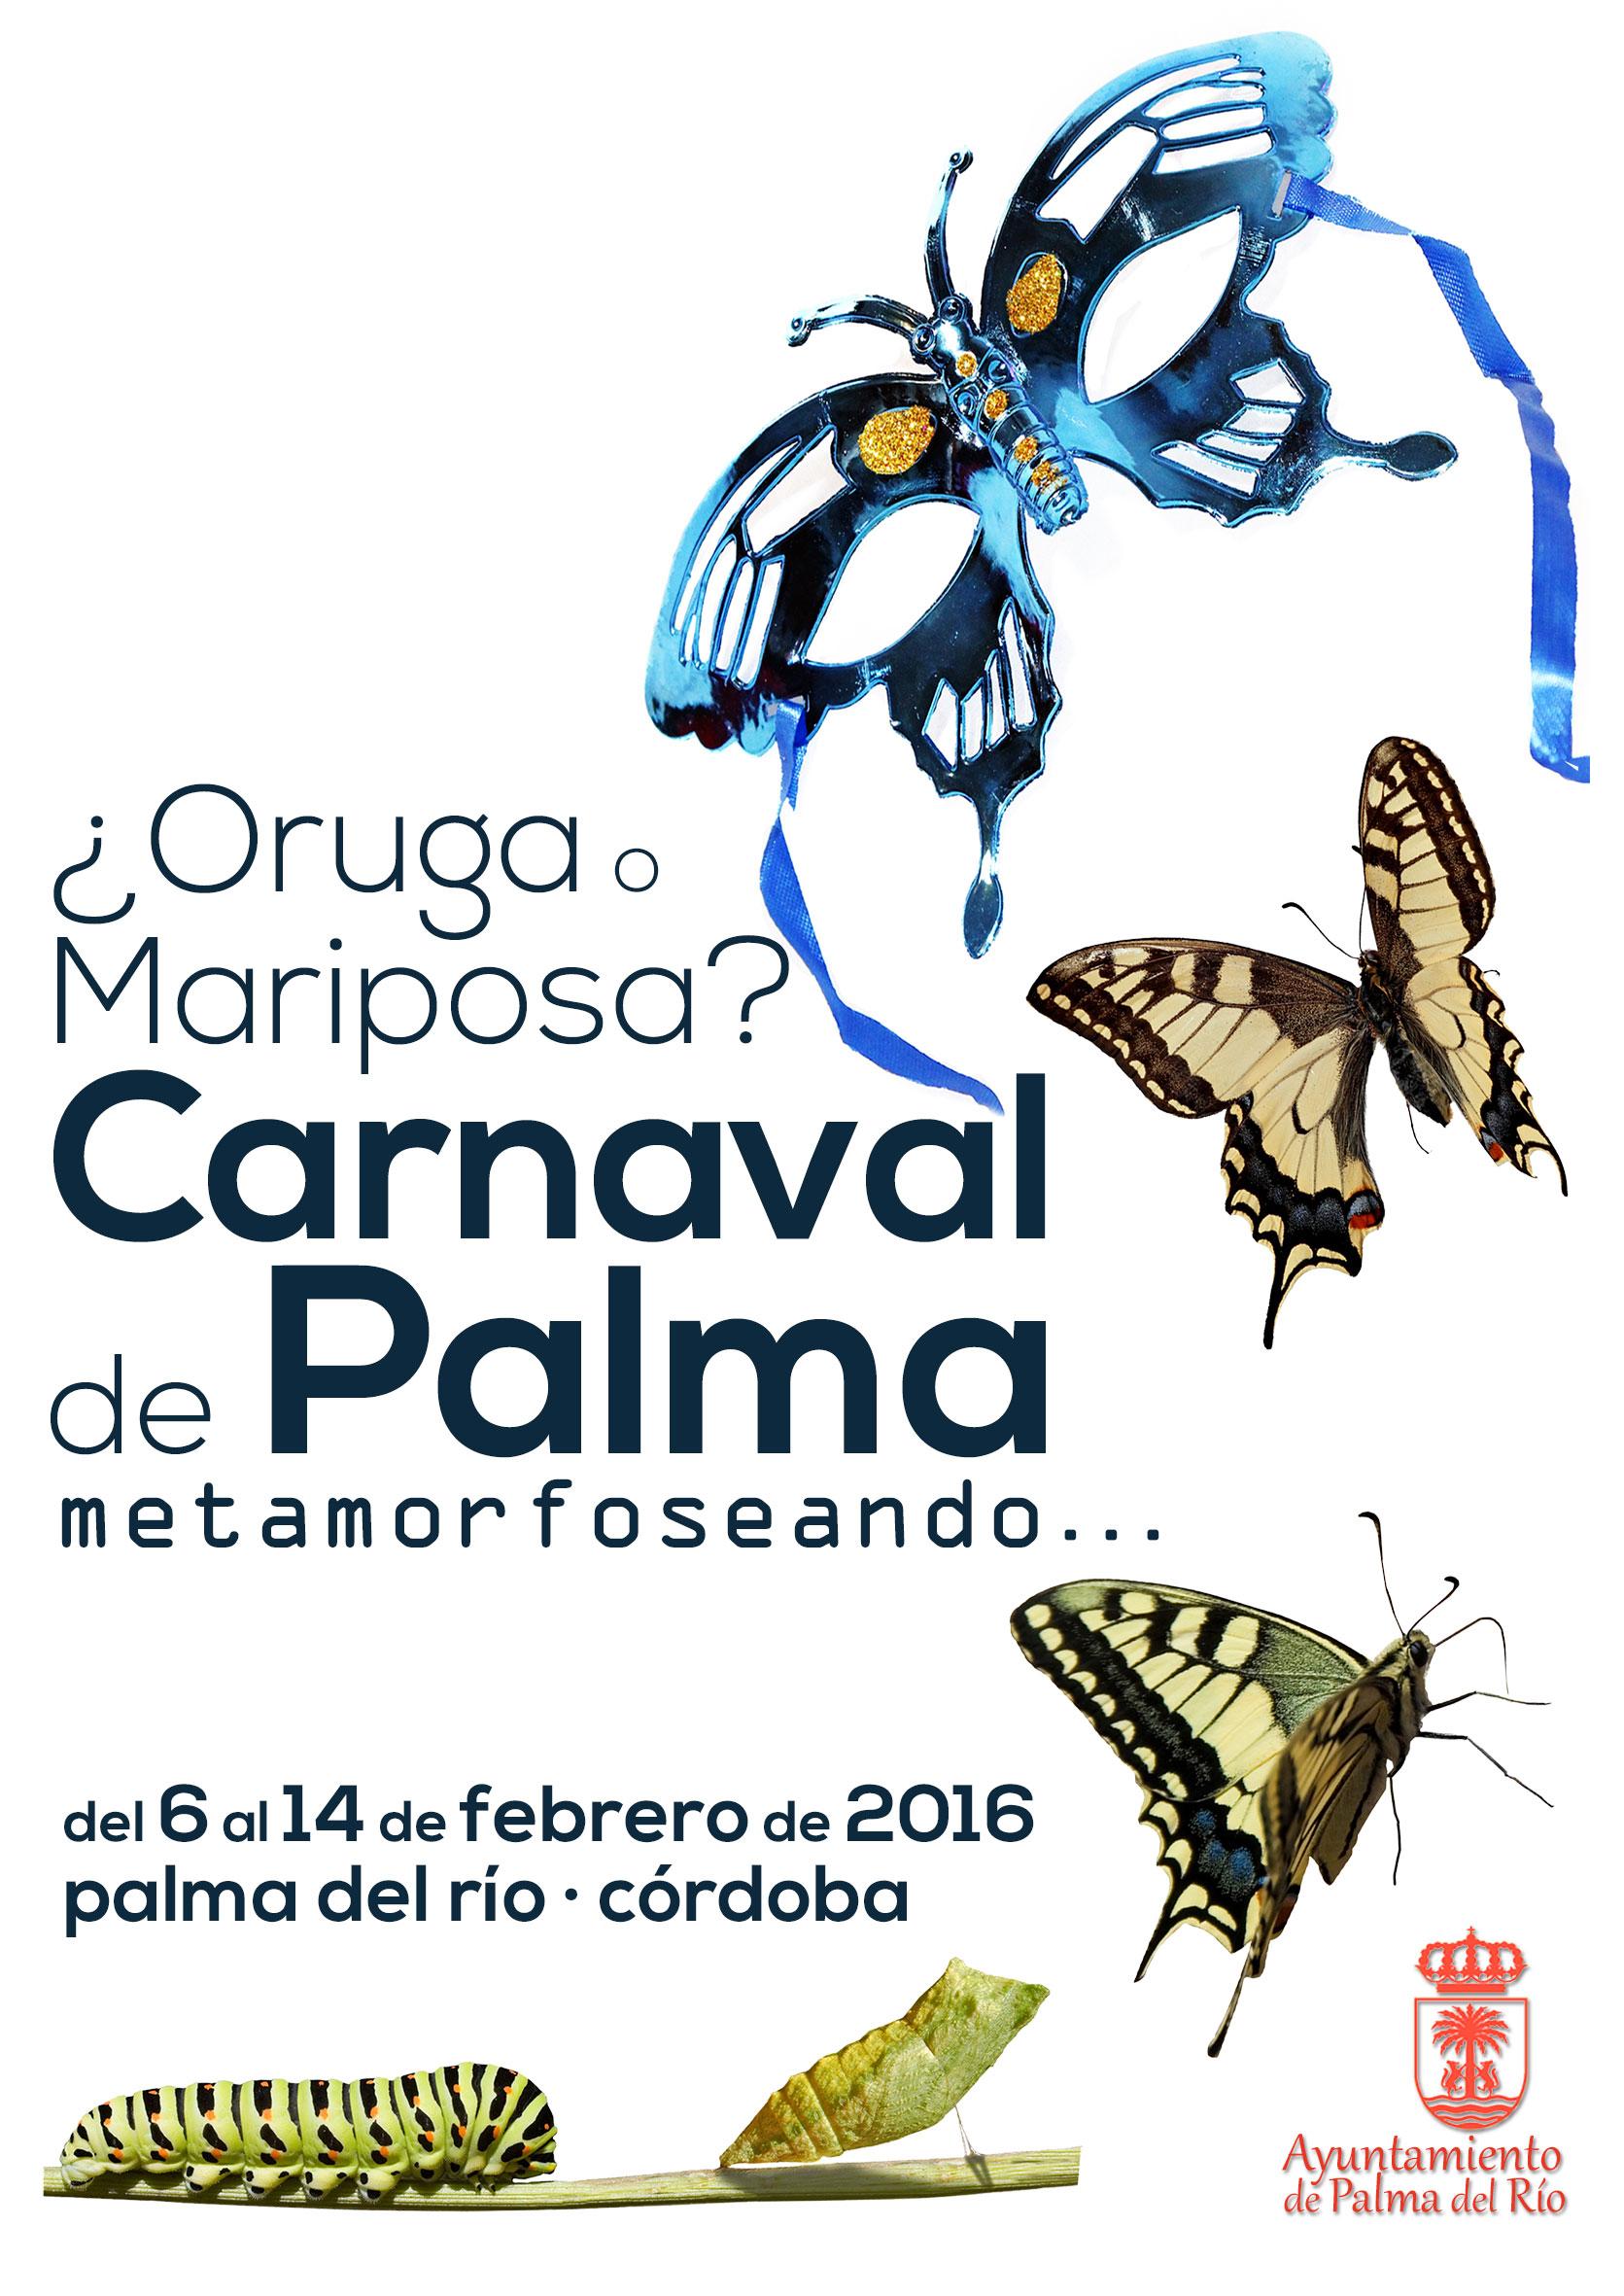 Cartel del Carnaval de Palma del Río 2016